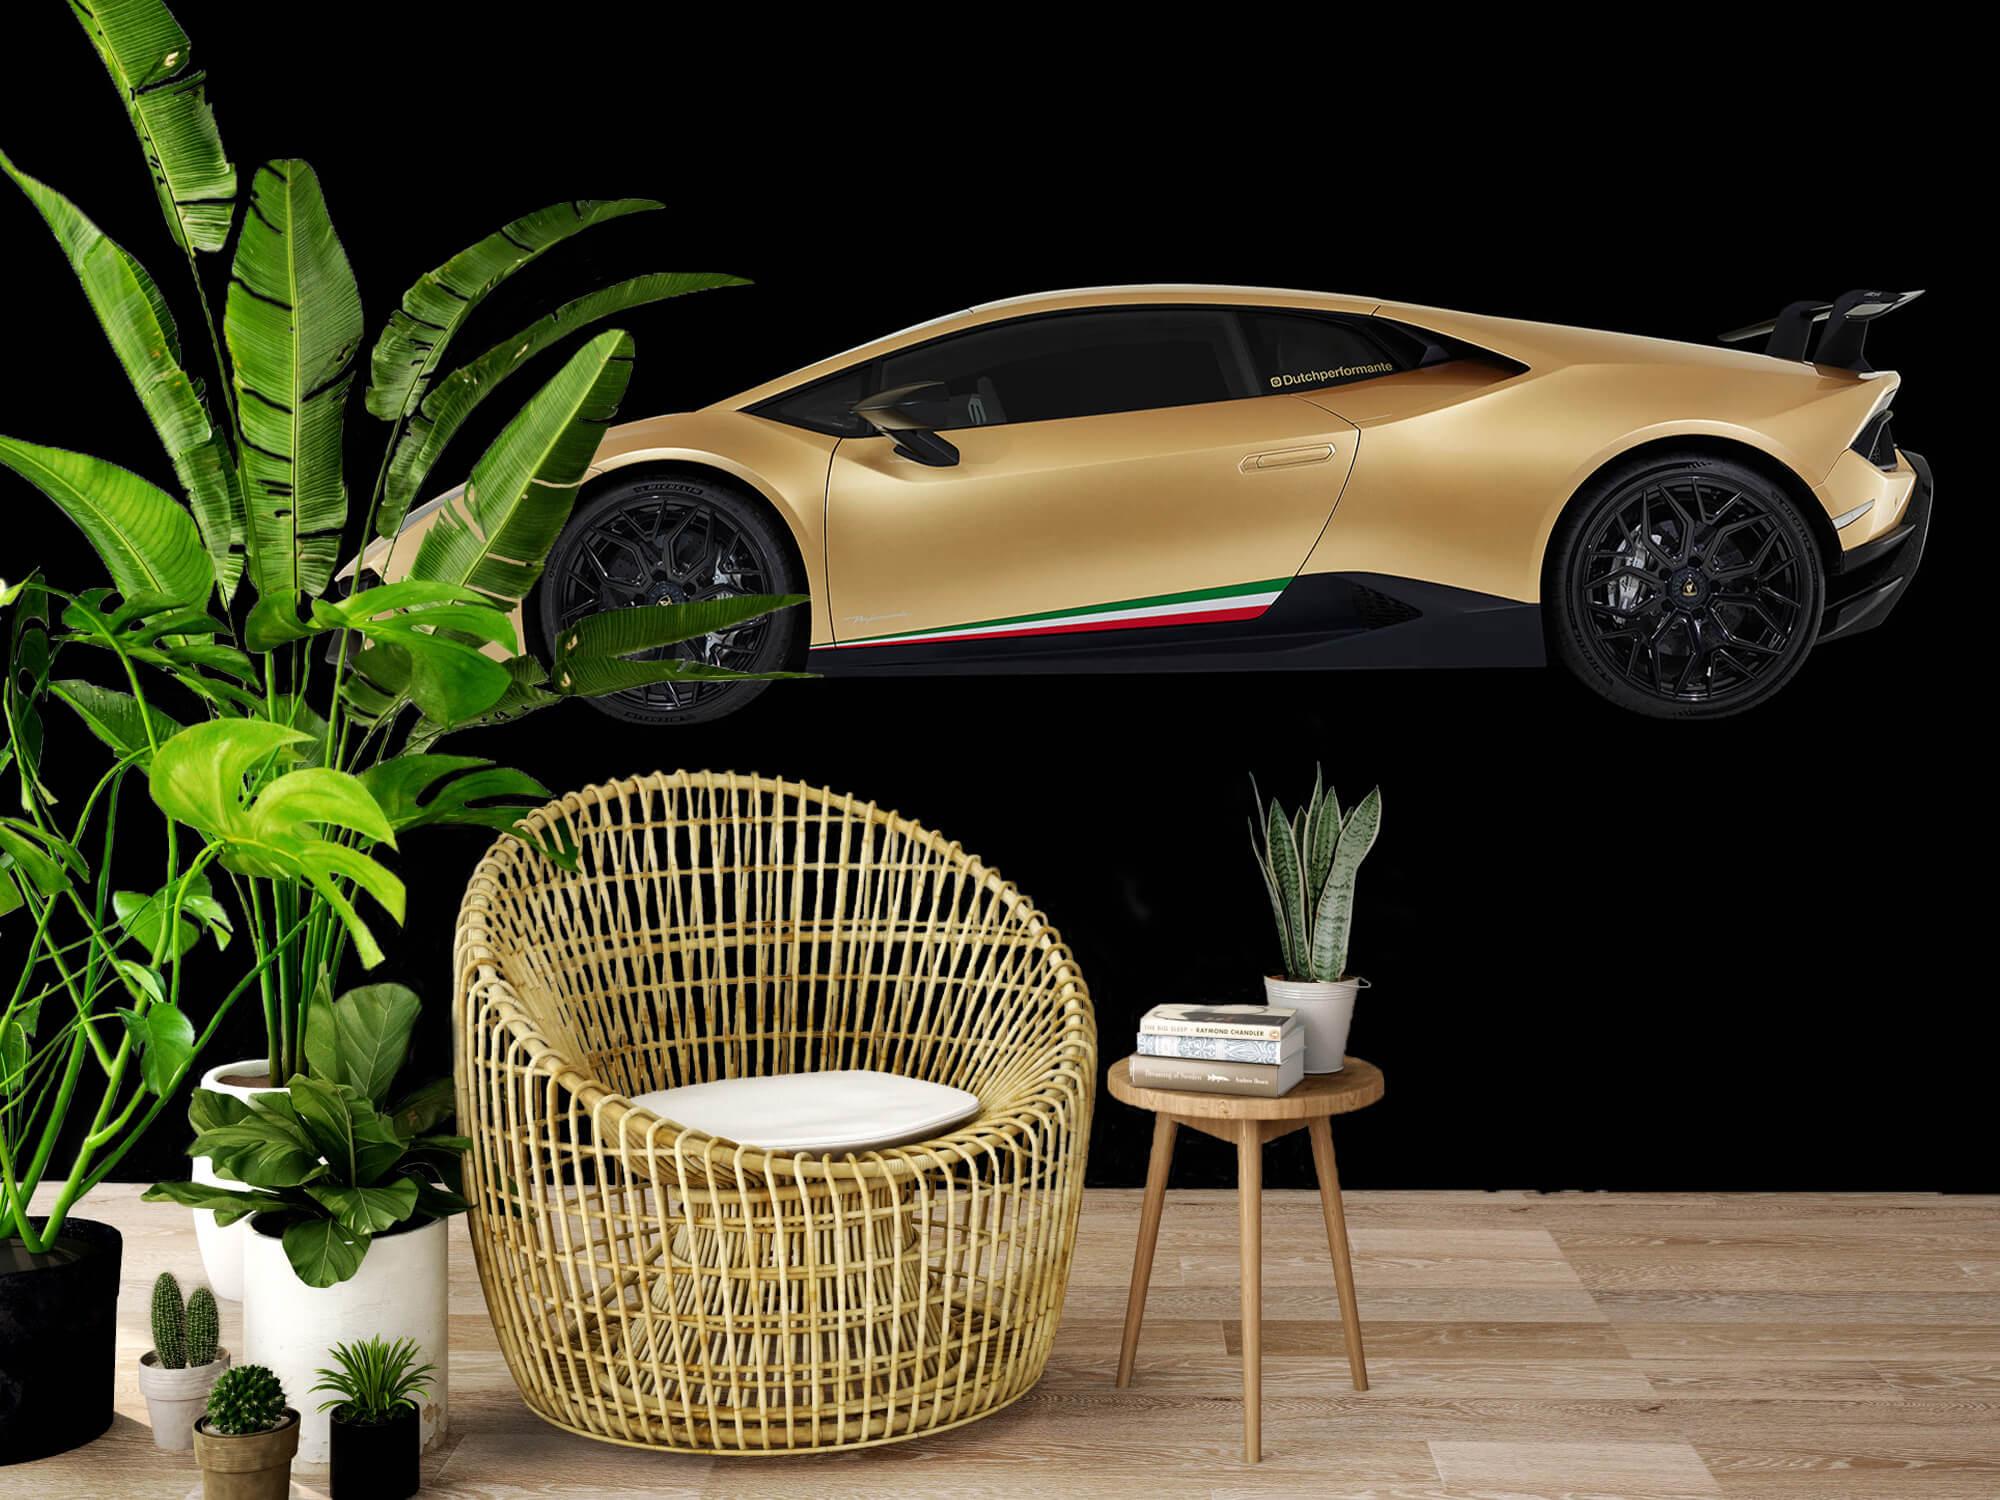 Wallpaper Lamborghini Huracán - Sida, svart 7